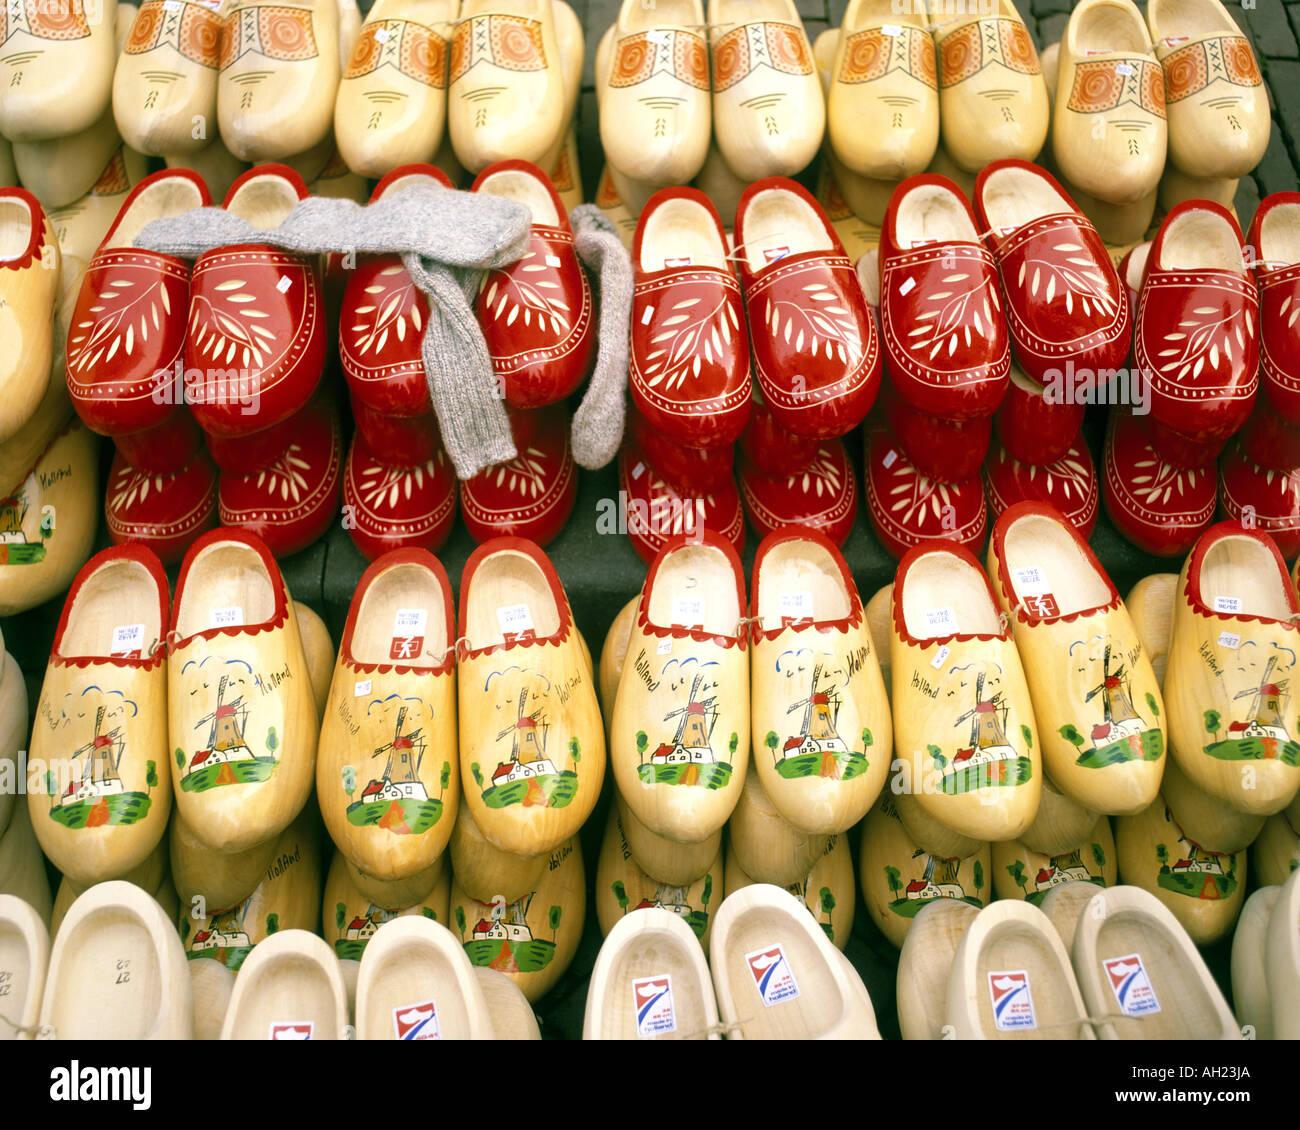 NL - Holanda: zuecos tradicionales en la pantalla. Foto de stock